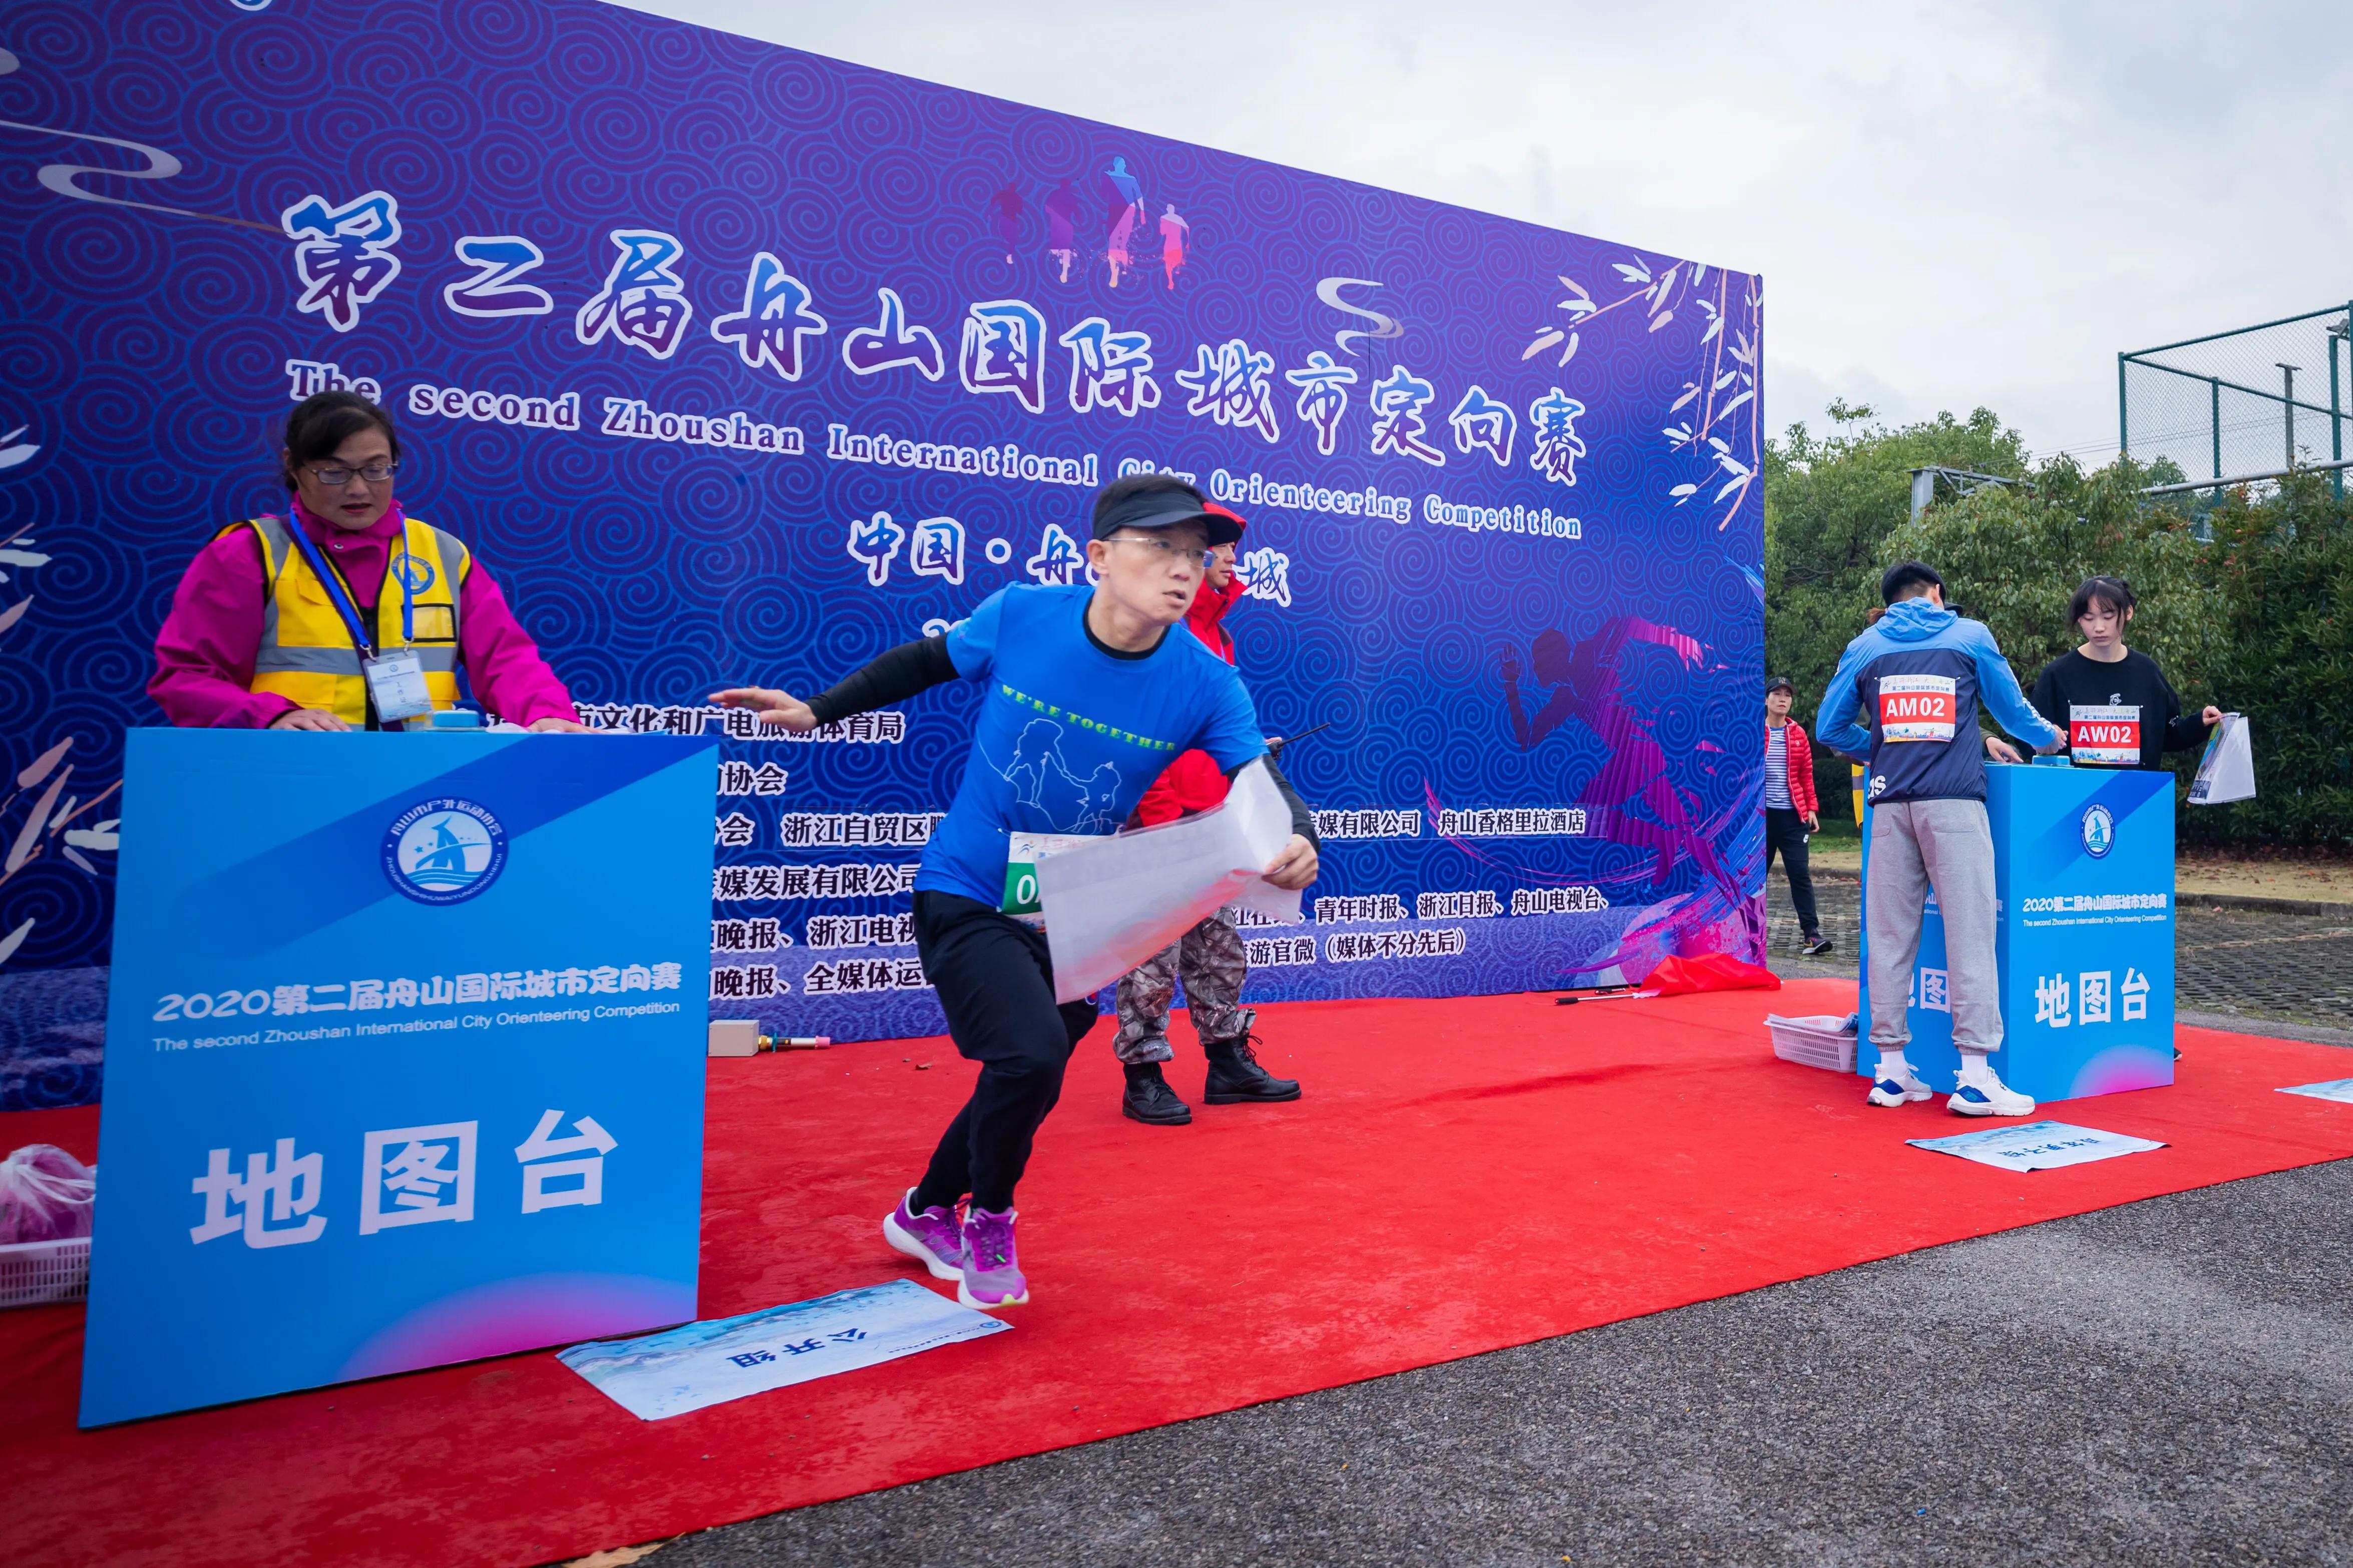 第二届舟山国际城市定向赛鸣枪开赛 打造体育旅游品牌名片